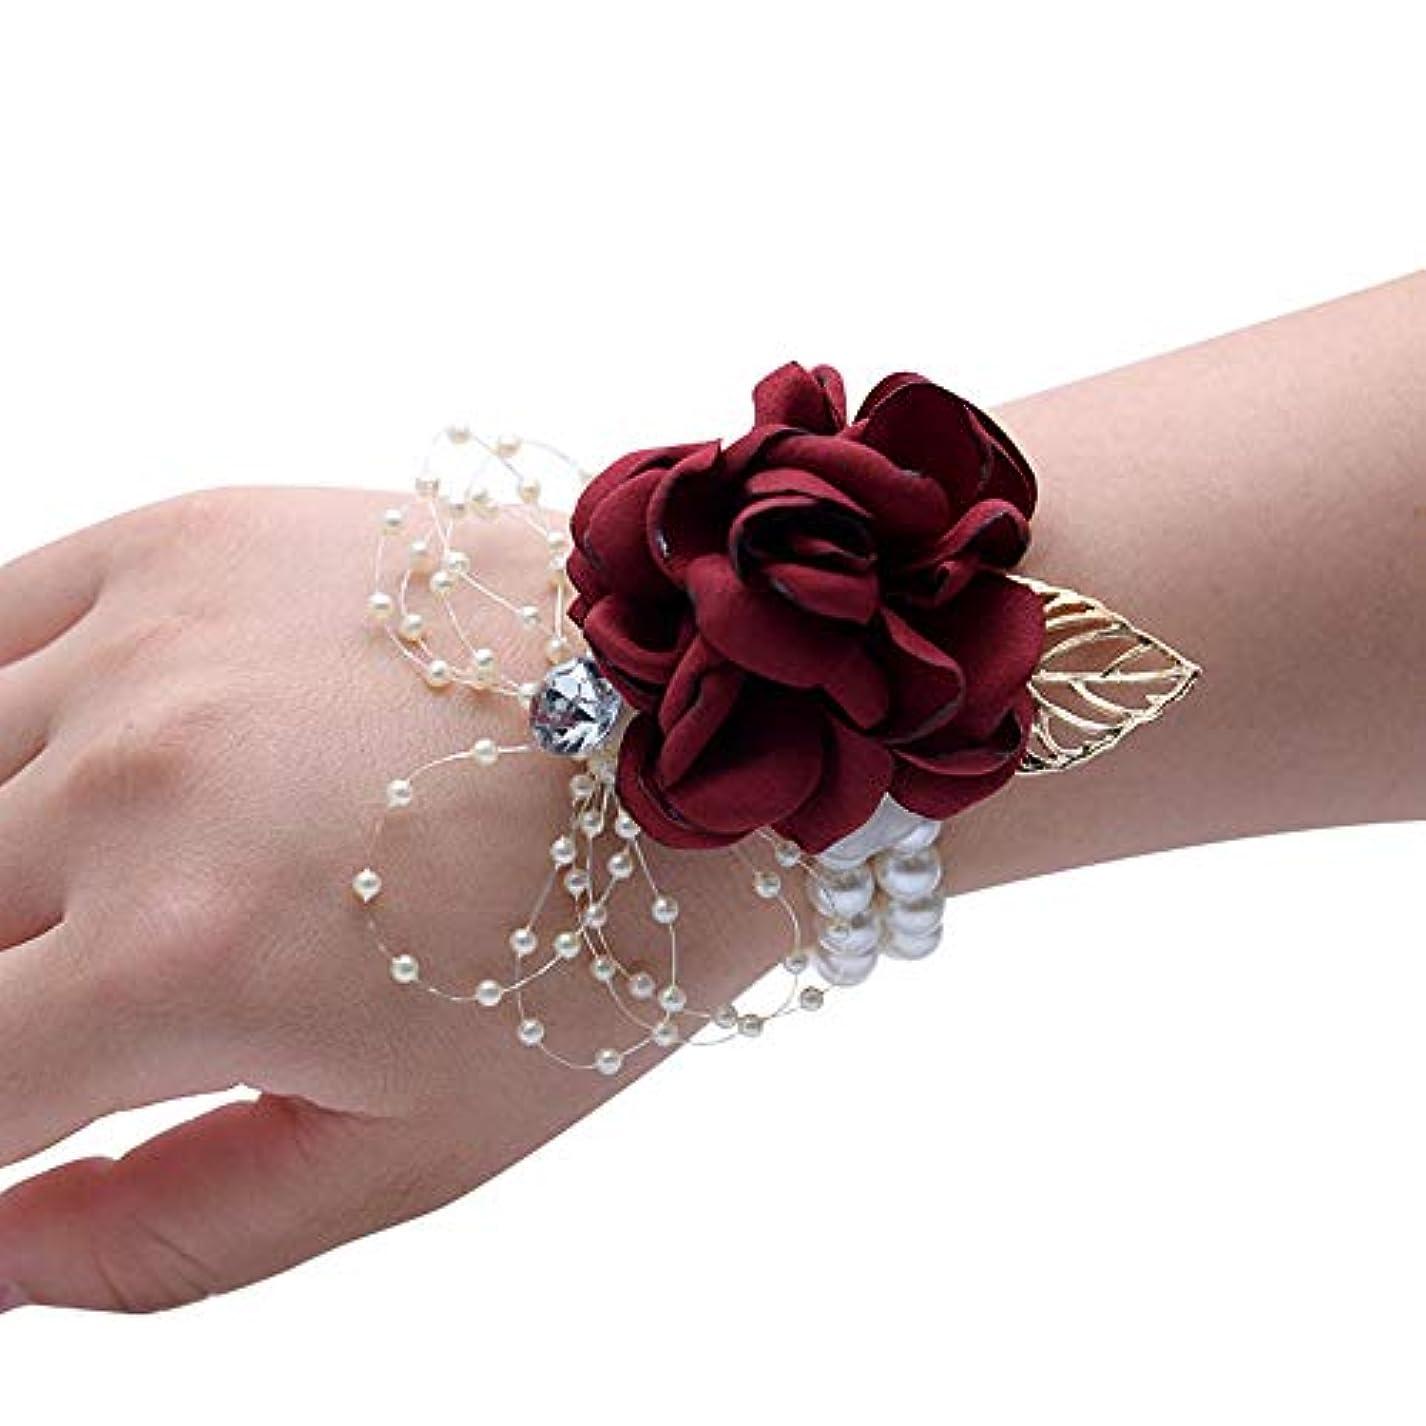 こしょう家禽既にMerssavo 手首の花 - 女の子チャーム手首コサージュブレスレット花嫁介添人姉妹の手の花のどの真珠の結婚式、ワインレッド